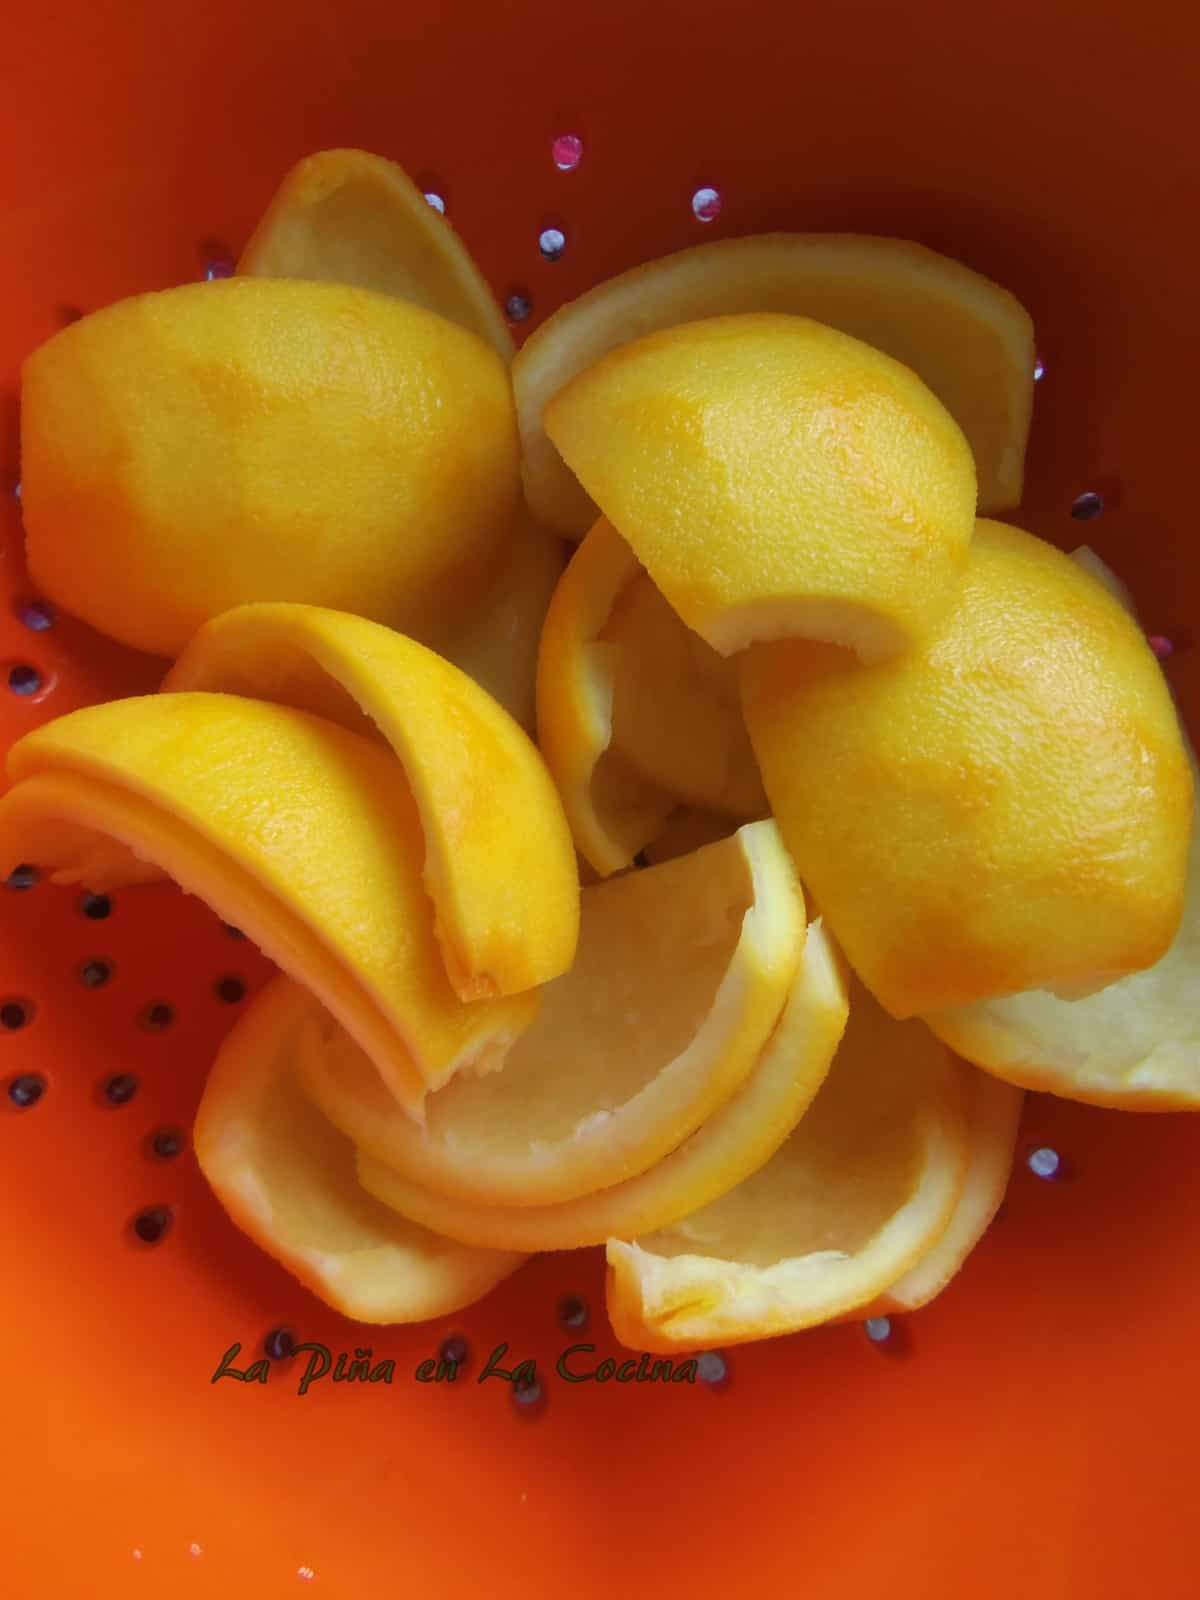 Rinsed Orange Peels